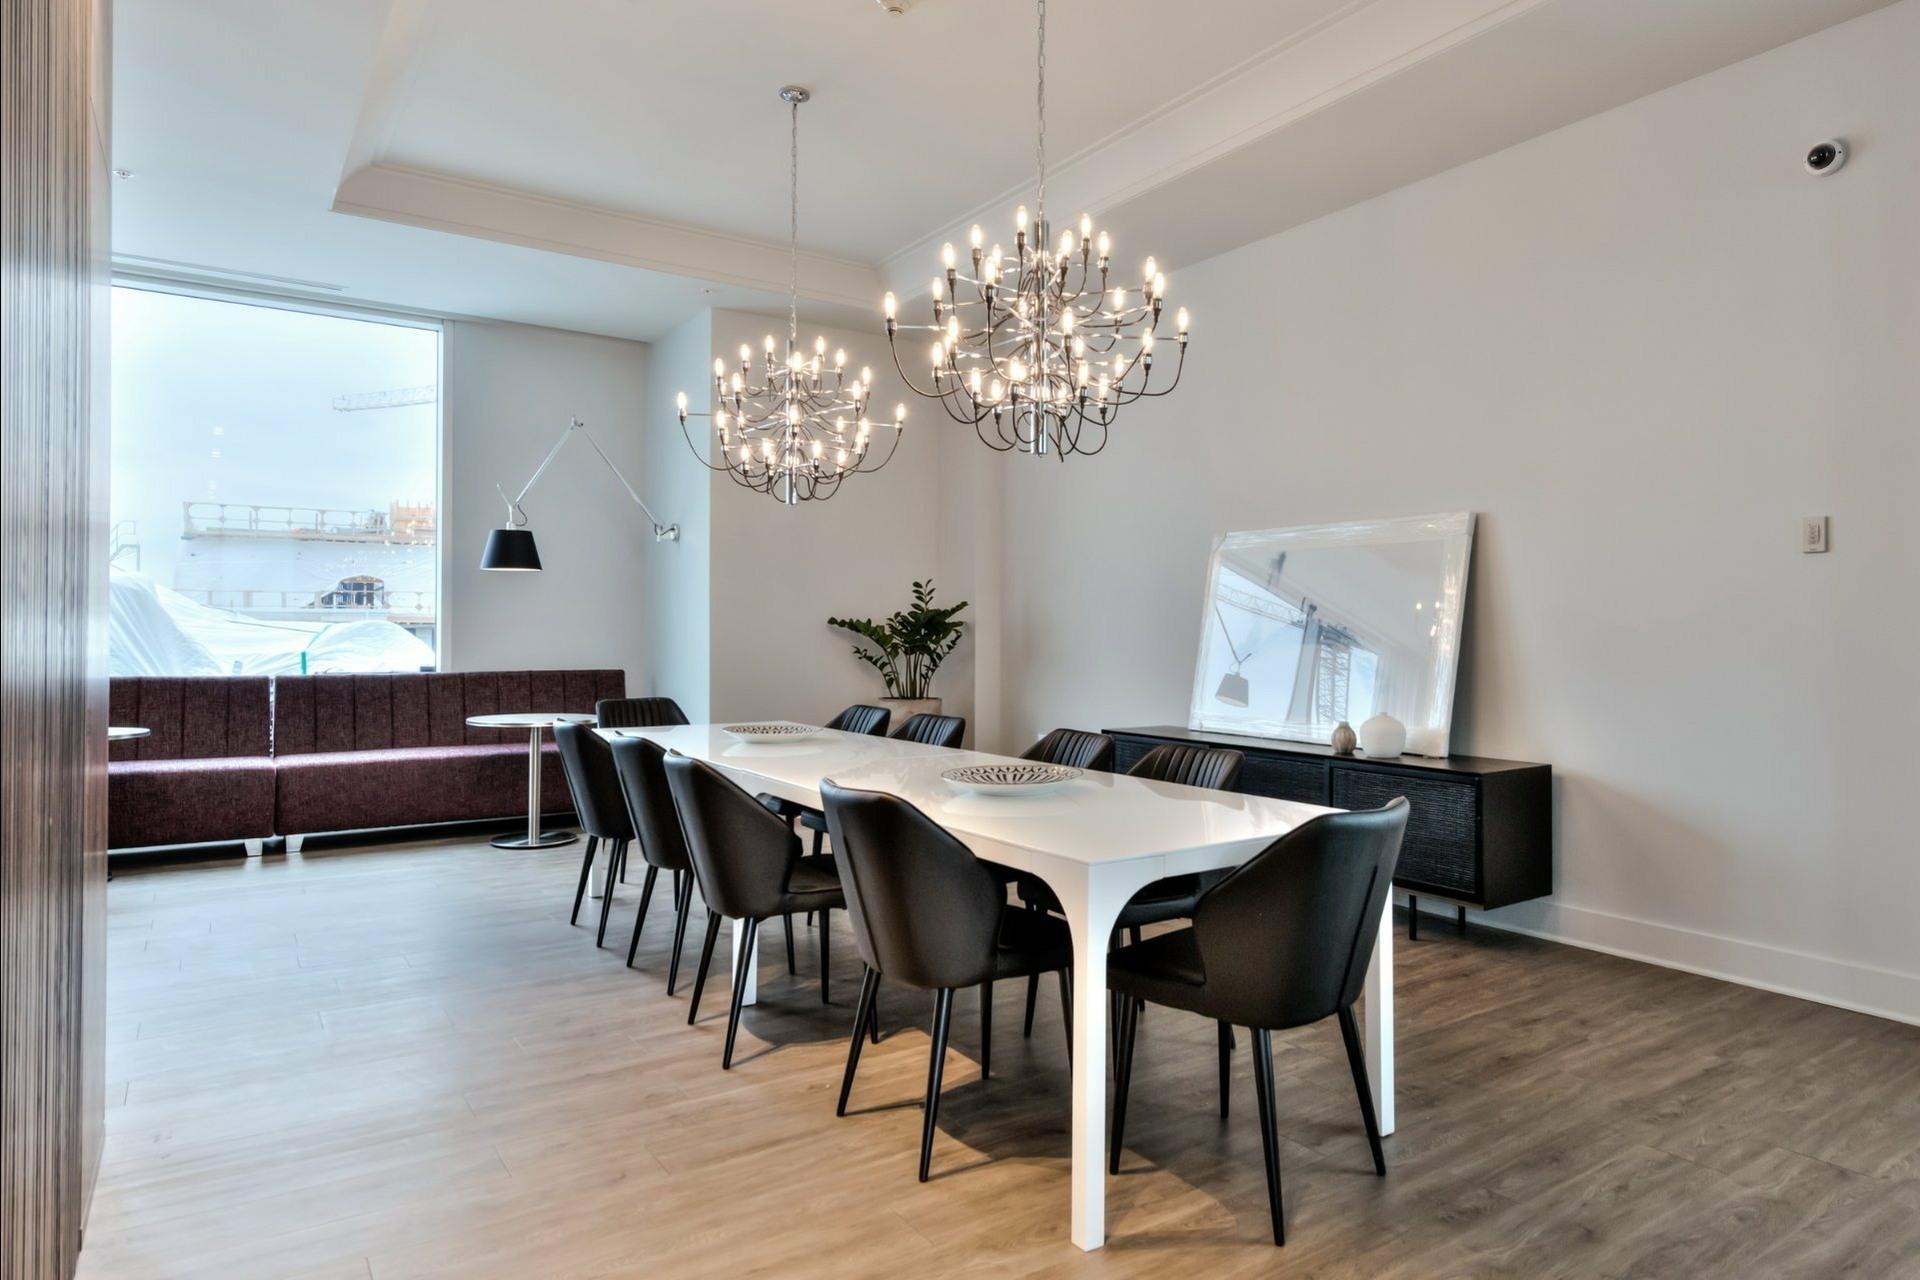 image 39 - Appartement À vendre Côte-des-Neiges/Notre-Dame-de-Grâce Montréal  - 16 pièces